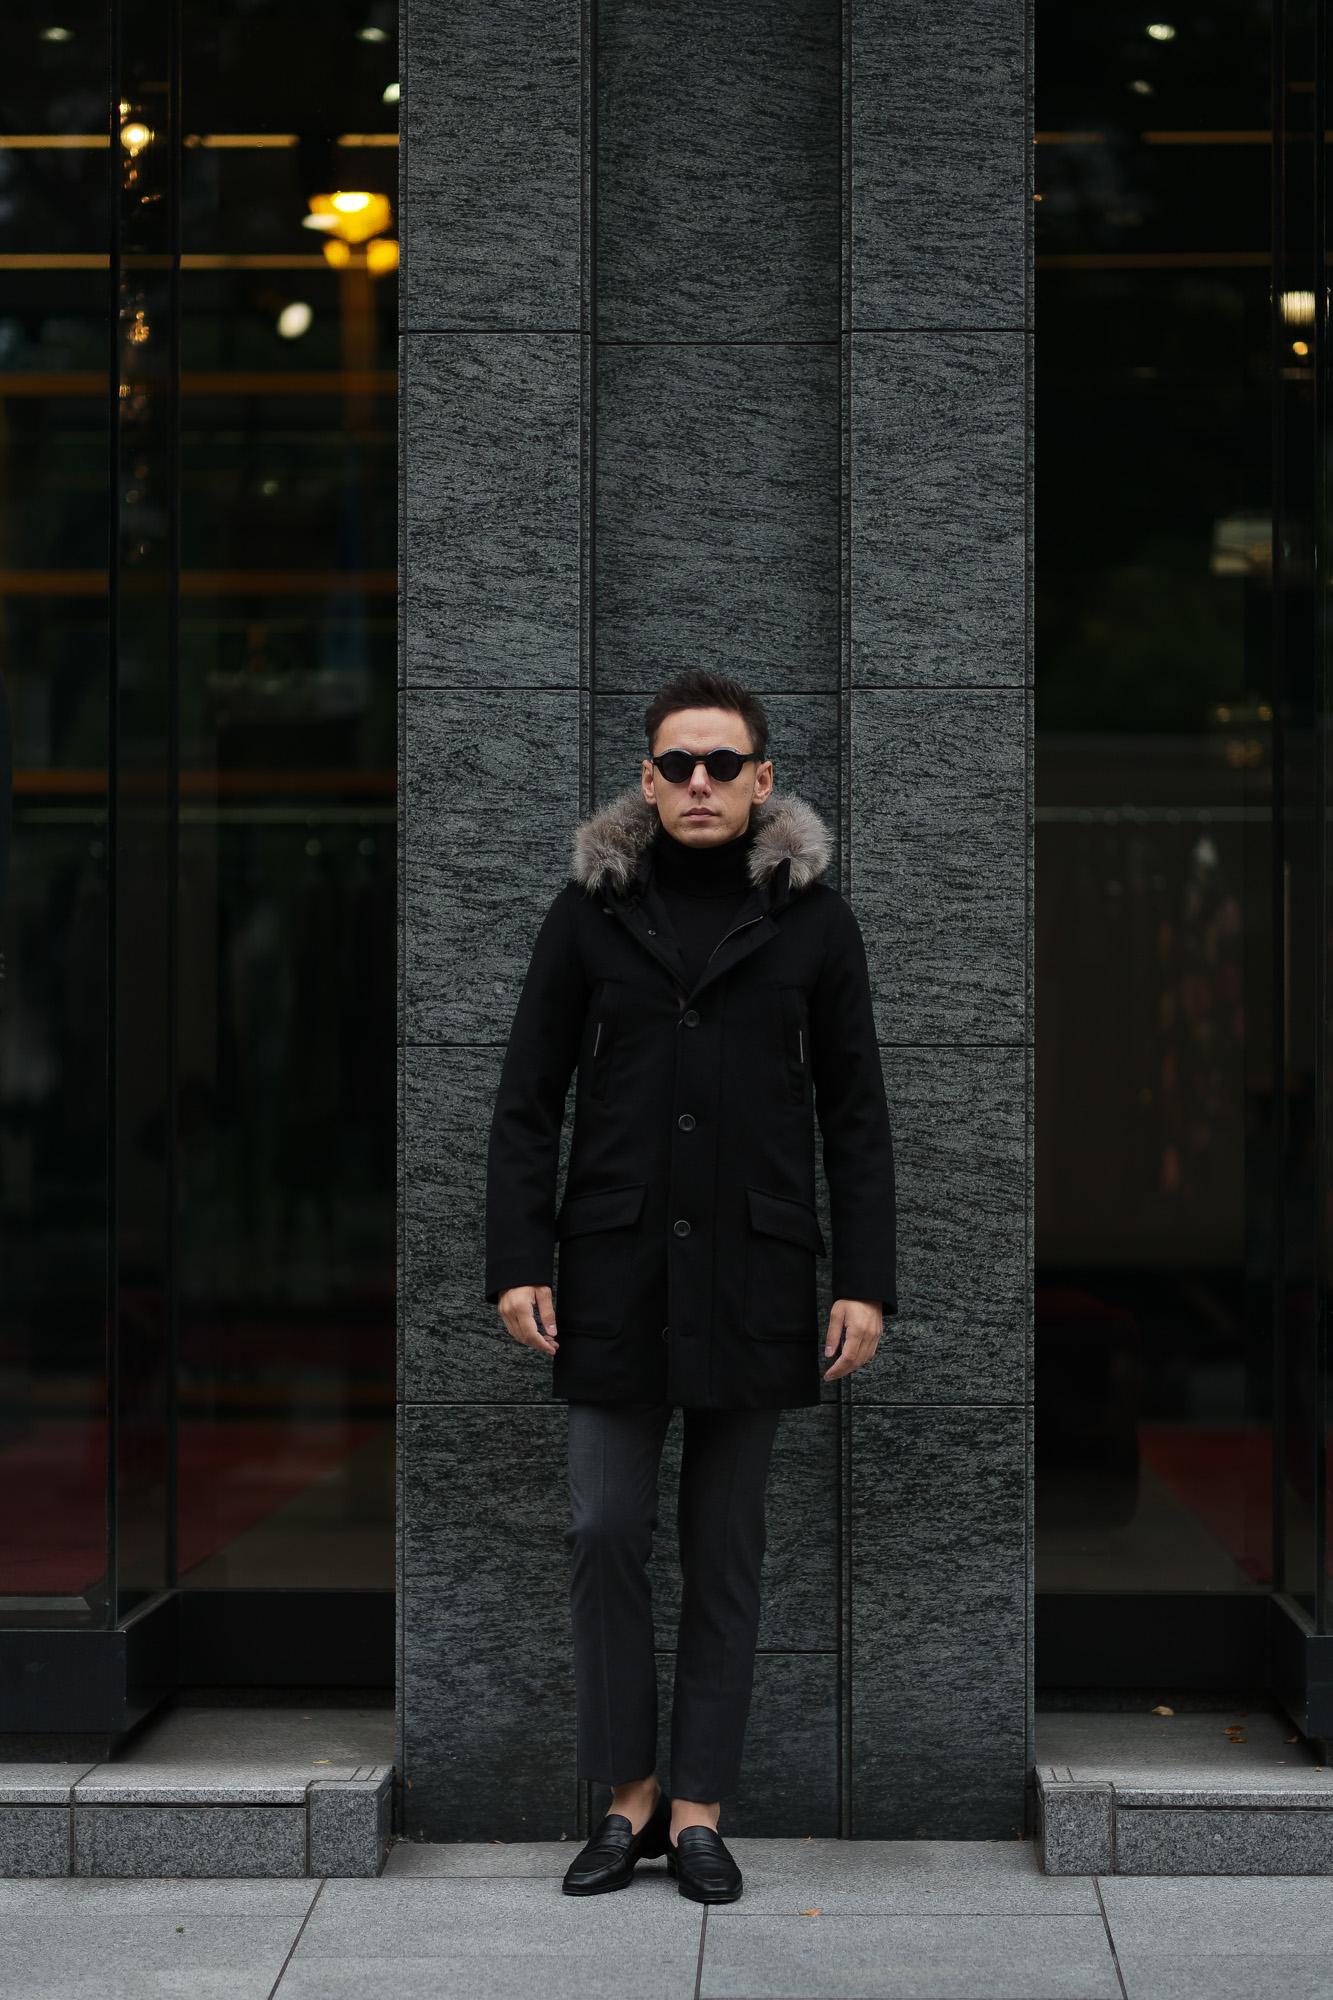 HERNO(ヘルノ) N-3B Cashmere coat (カシミア コート) LUIGI COLOMBO (ルイージ・コロンボ) 撥水 カシミア ロング コート BLACK (ブラック・9300) Made in italy (イタリア製) 2019 秋冬新作 altoediritto アルトエデリット 愛知 名古屋